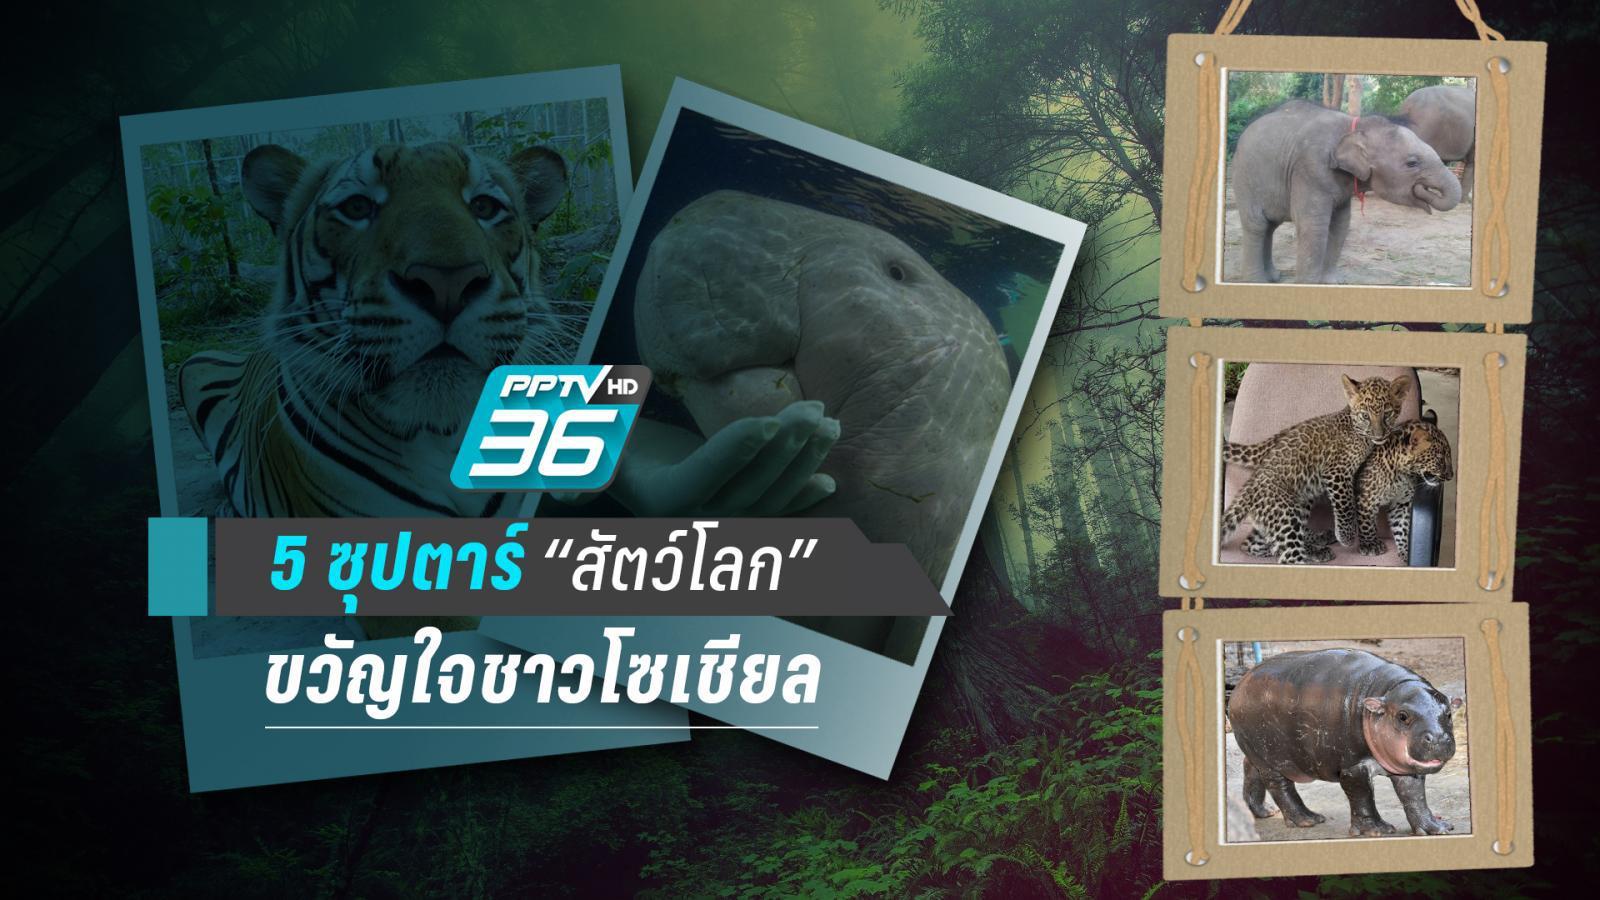 เปิดตัว 5 ซุปตาร์ขวัญใจโซเชียล หลากหลายสายพันธุ์ผู้ขโมยหัวใจคนไทยทั้งประเทศ